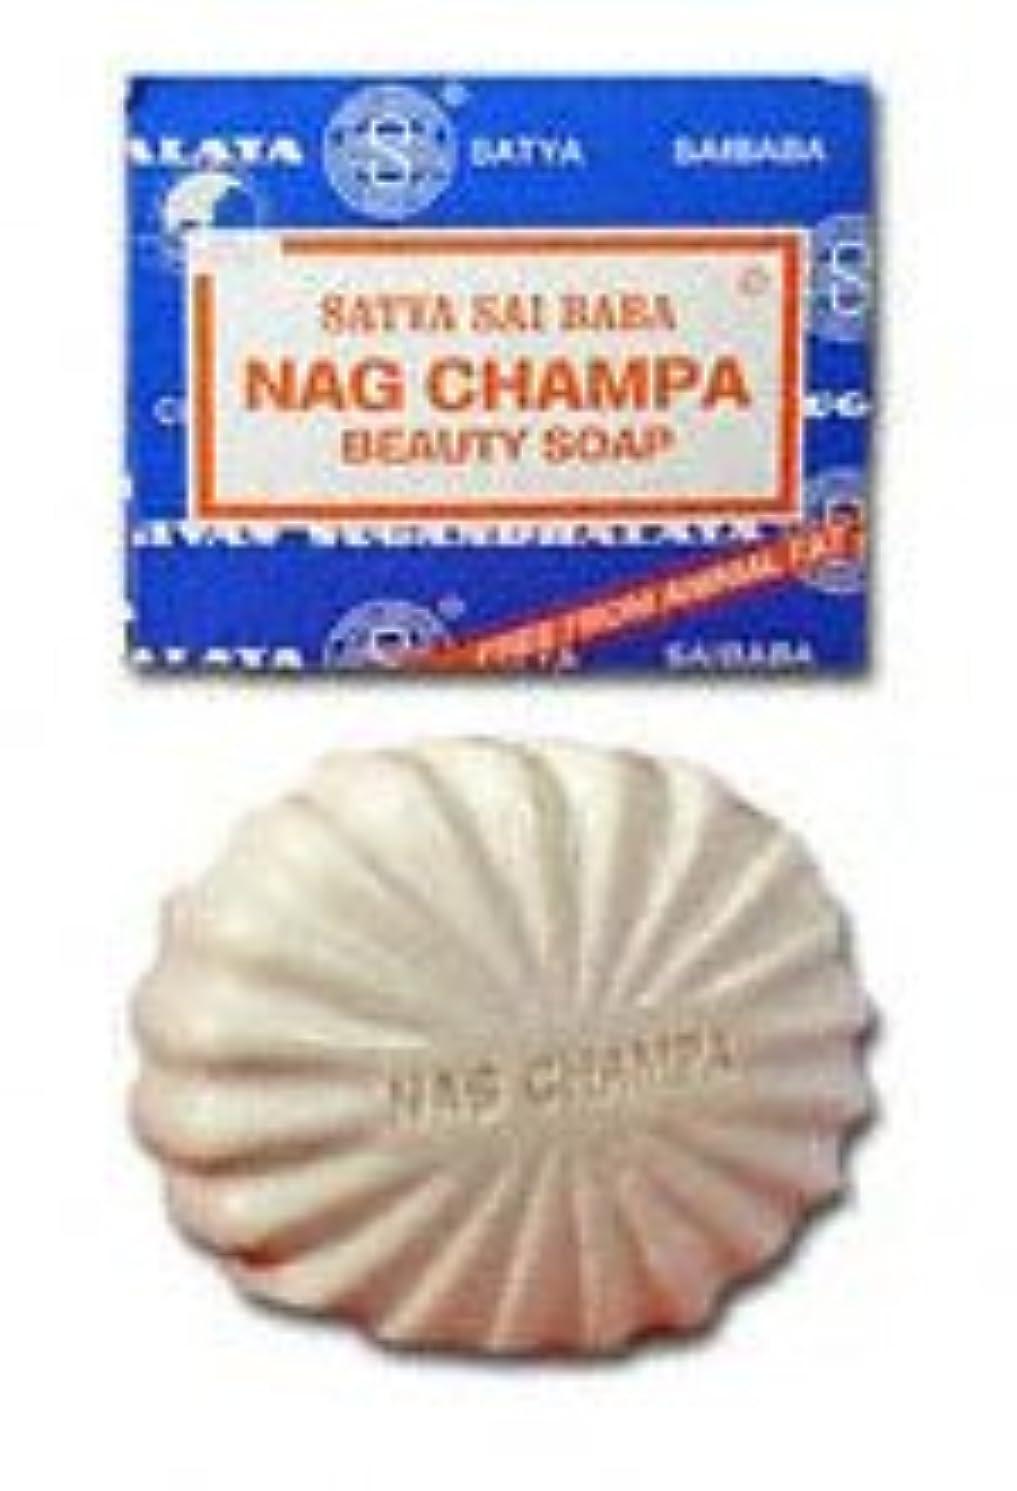 ヘビ暴徒マサッチョNag Champa Beauty Soapボックス